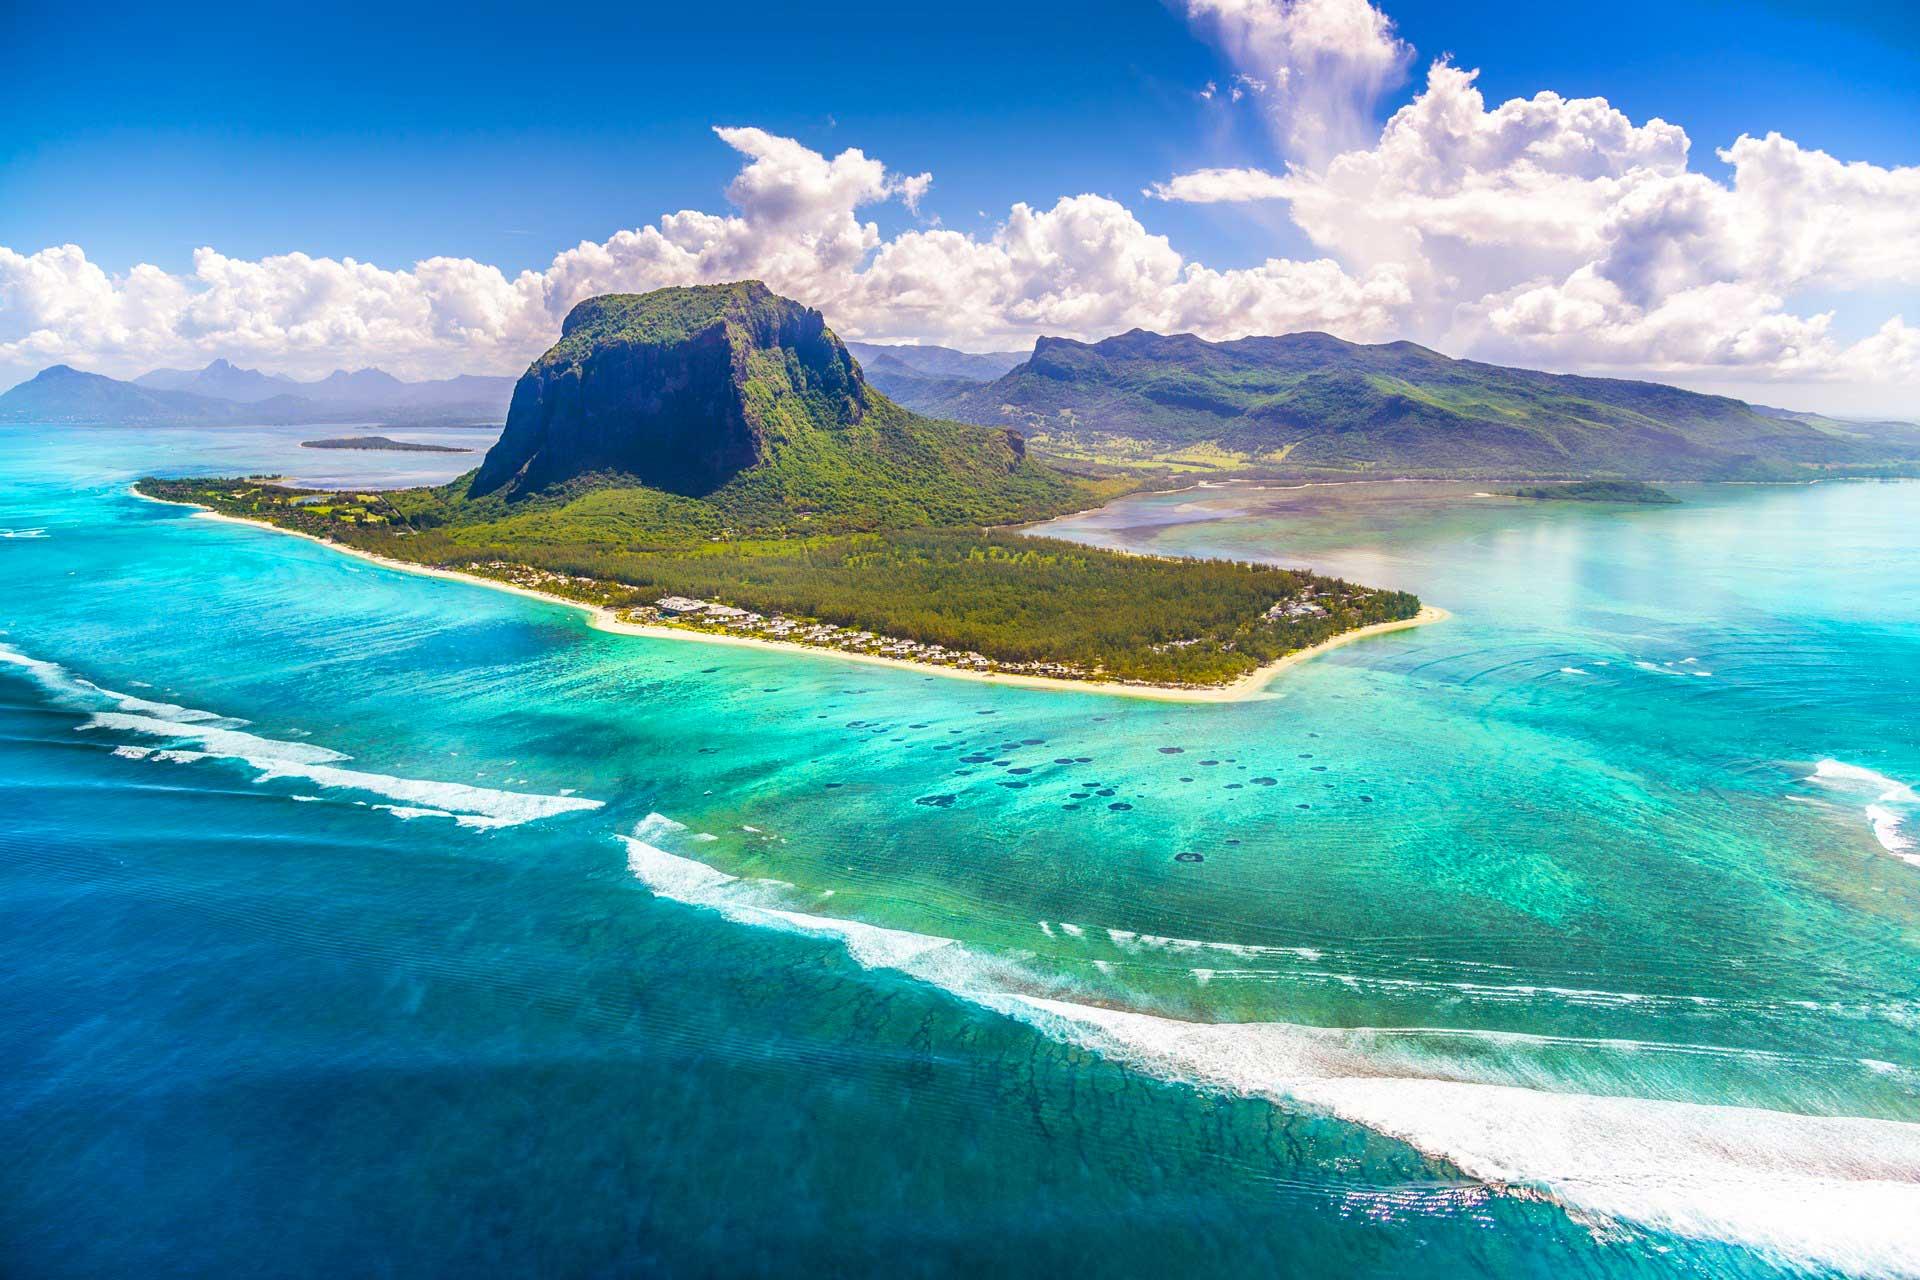 Mauritius Kitesurf freestyle wave